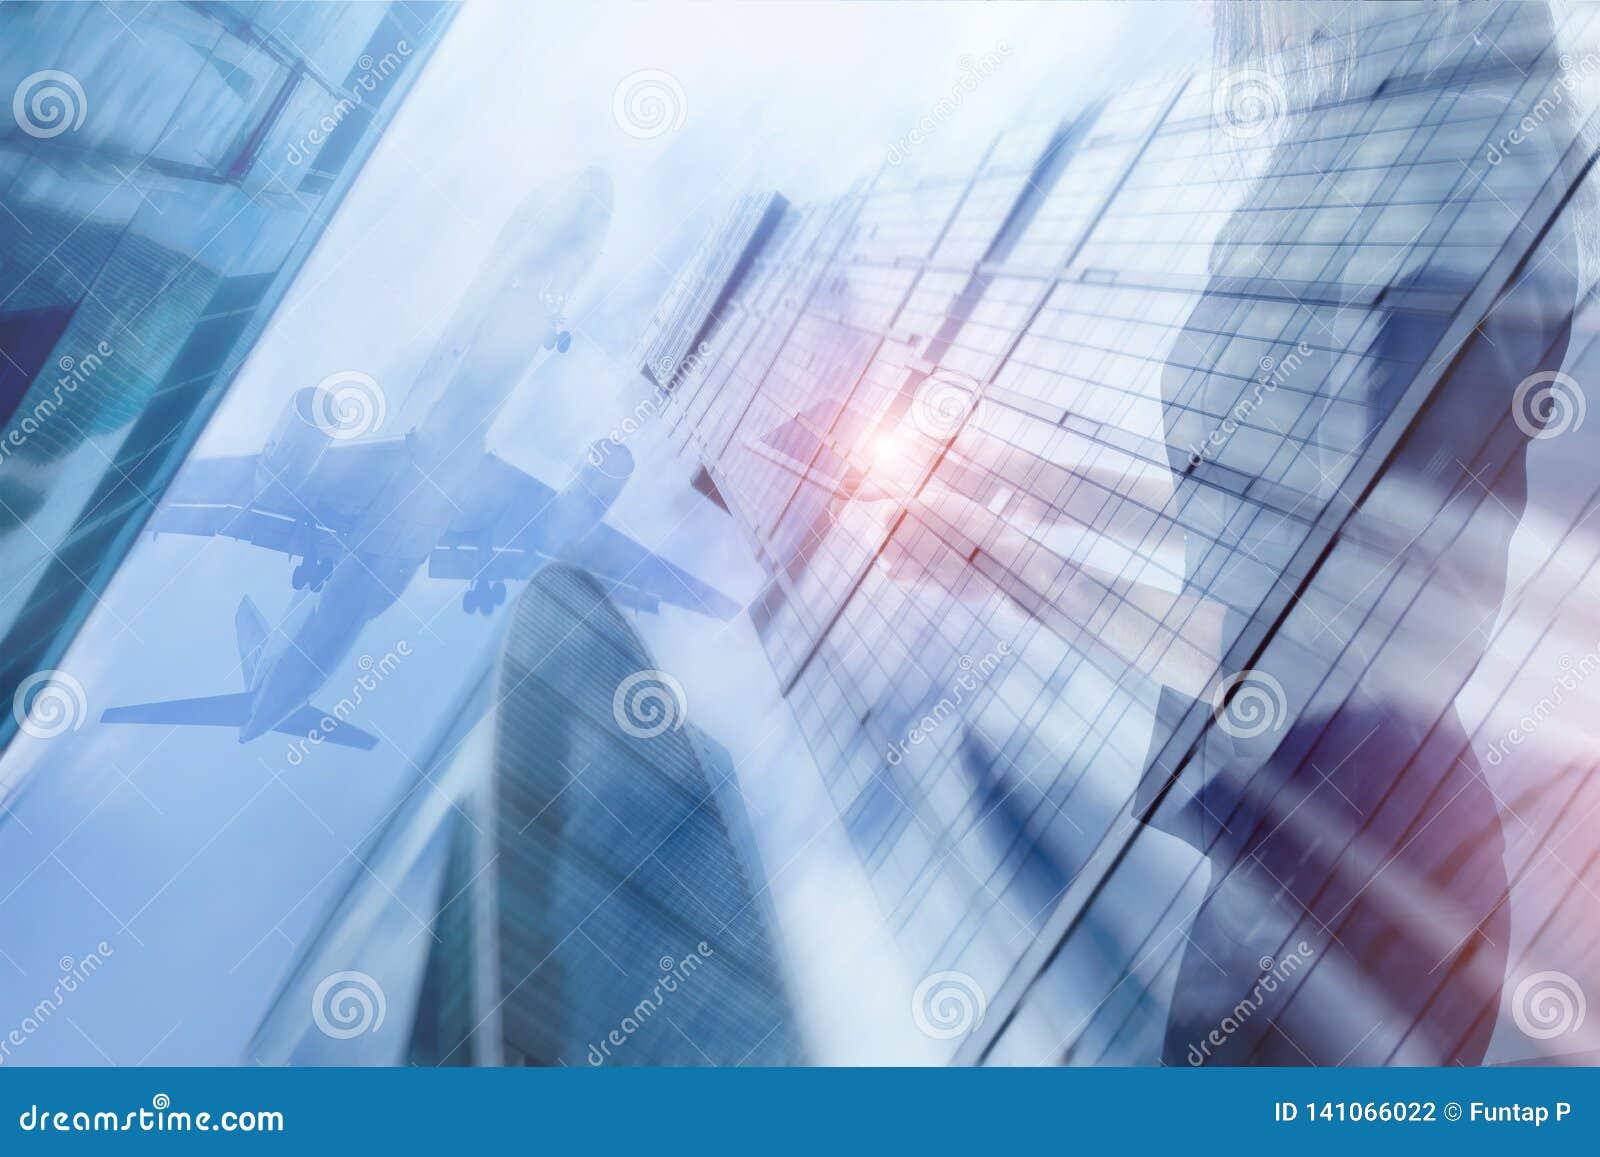 Junge Schönheit mit tragbarer Notenauflage in den Händen genießt AnsichtGeschäftszentrum der Flugzeughintergrund gemischt